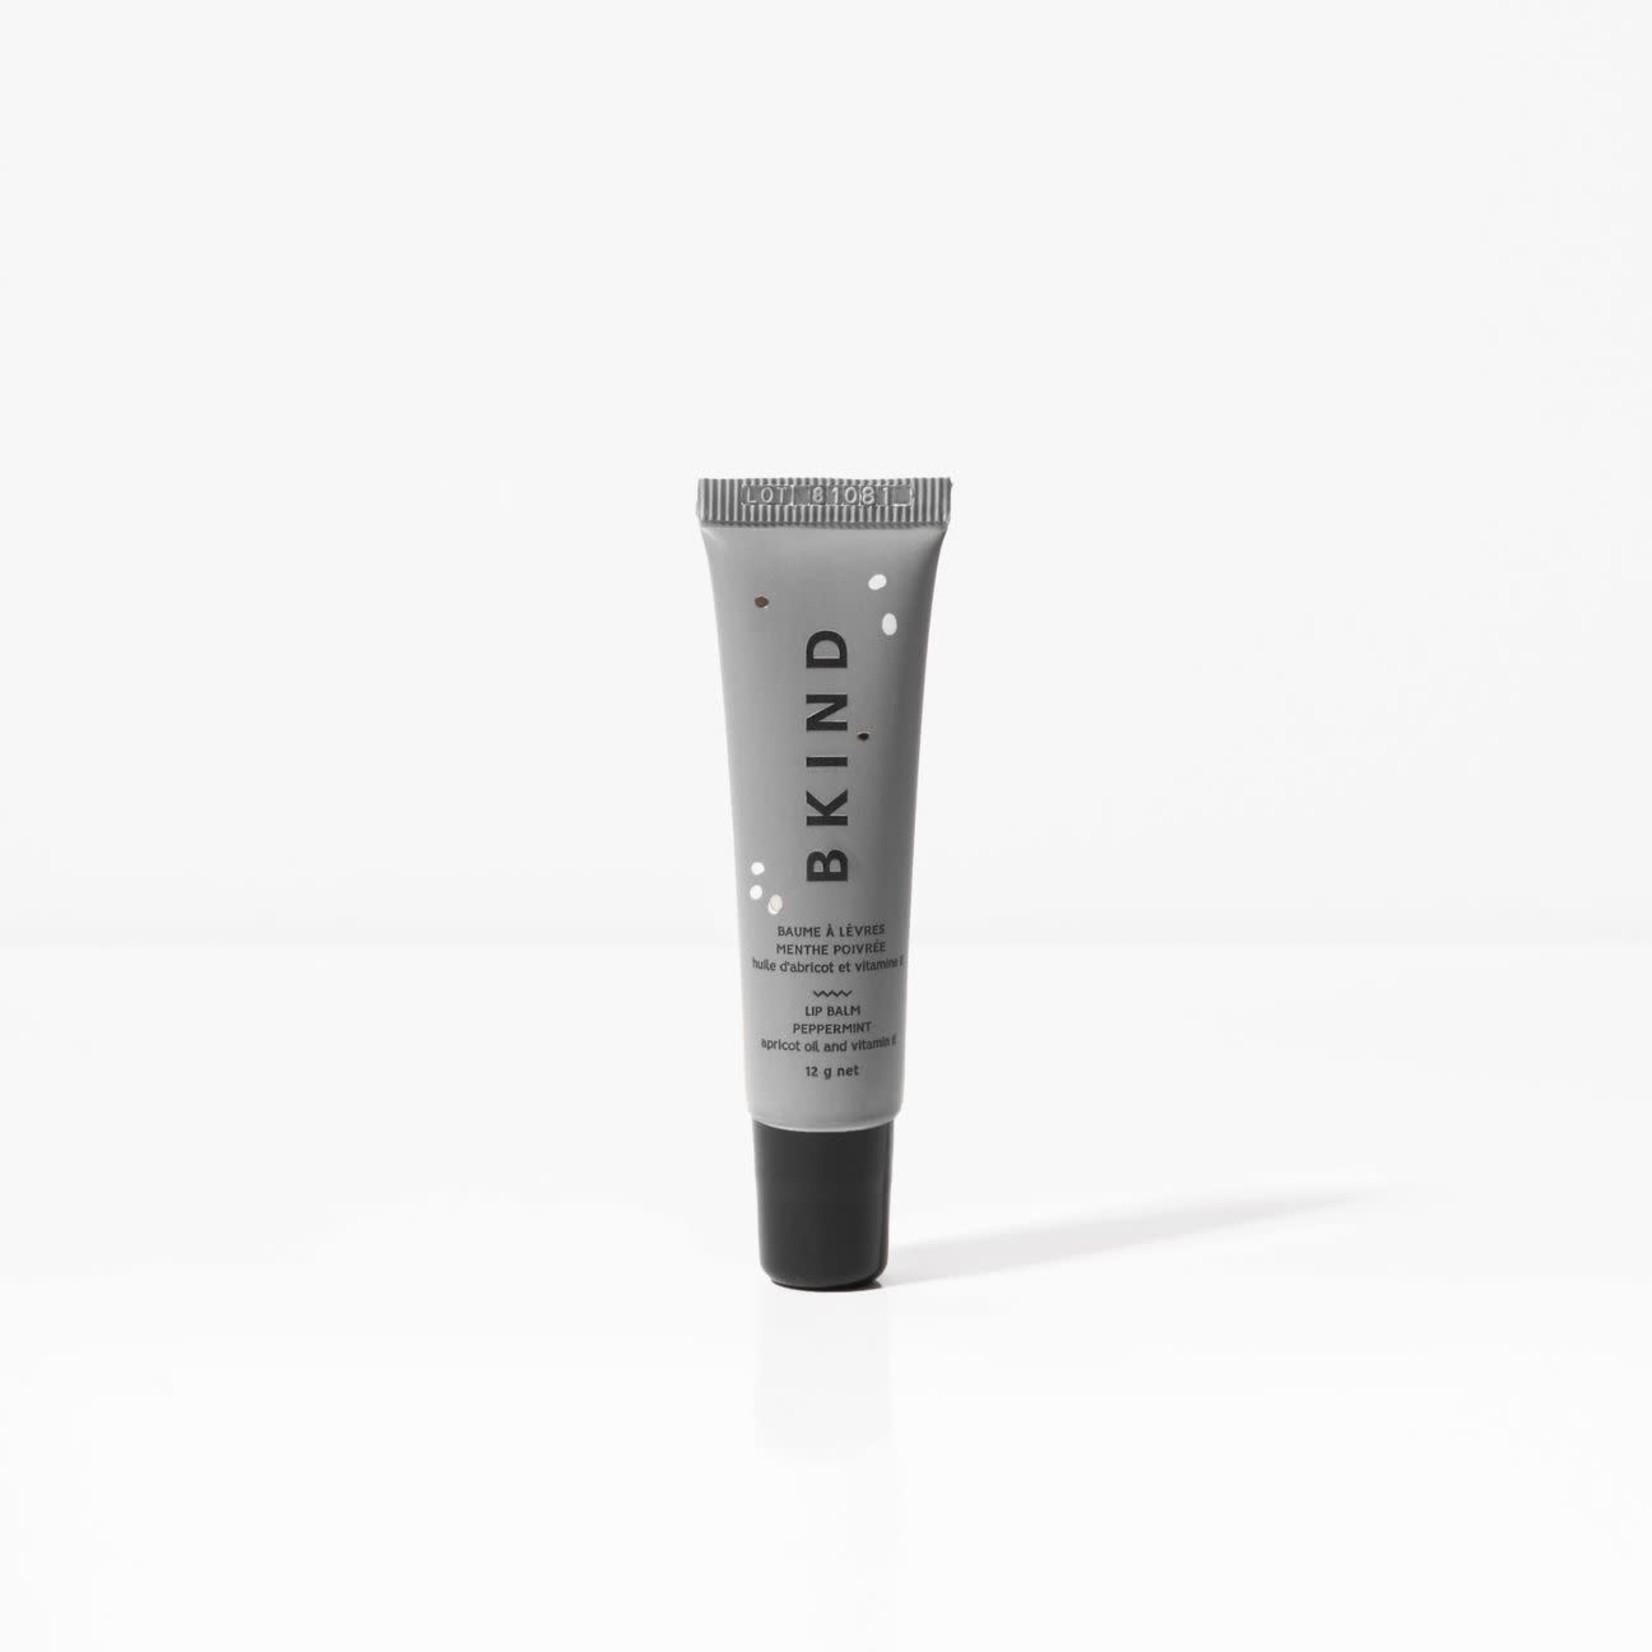 BKIND BKIND - Baume à lèvres / Menthe poivrée